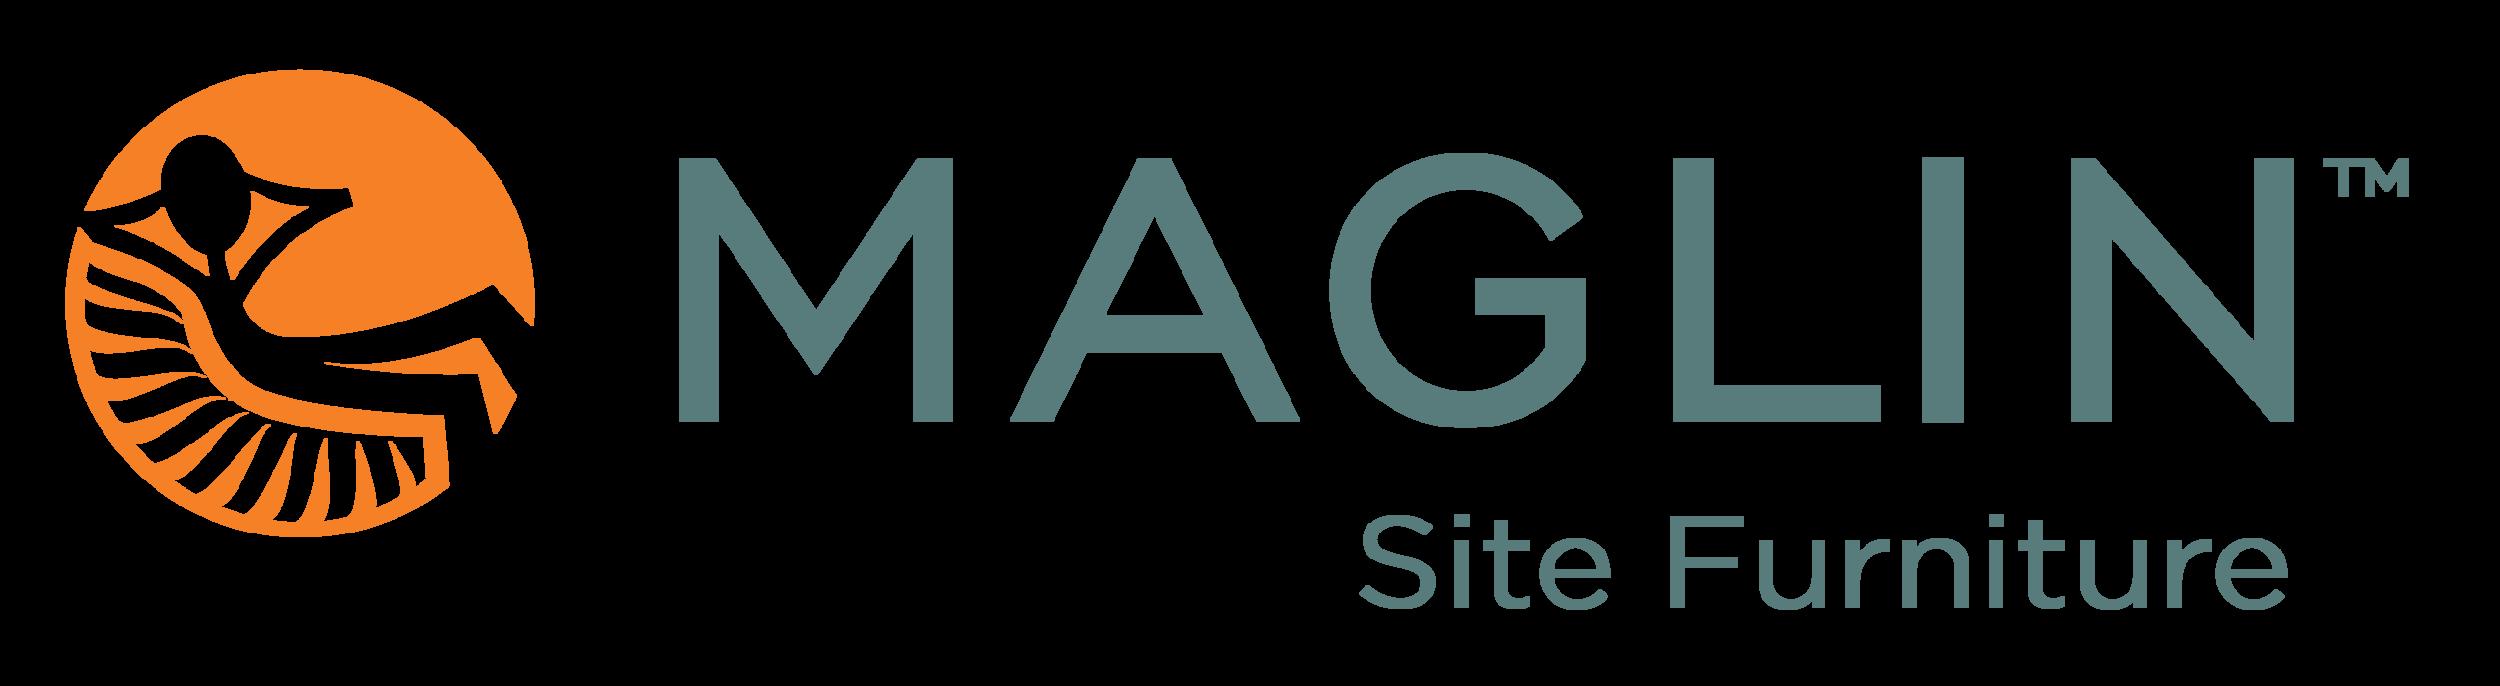 MaglinSiteFurniture_Logo.png